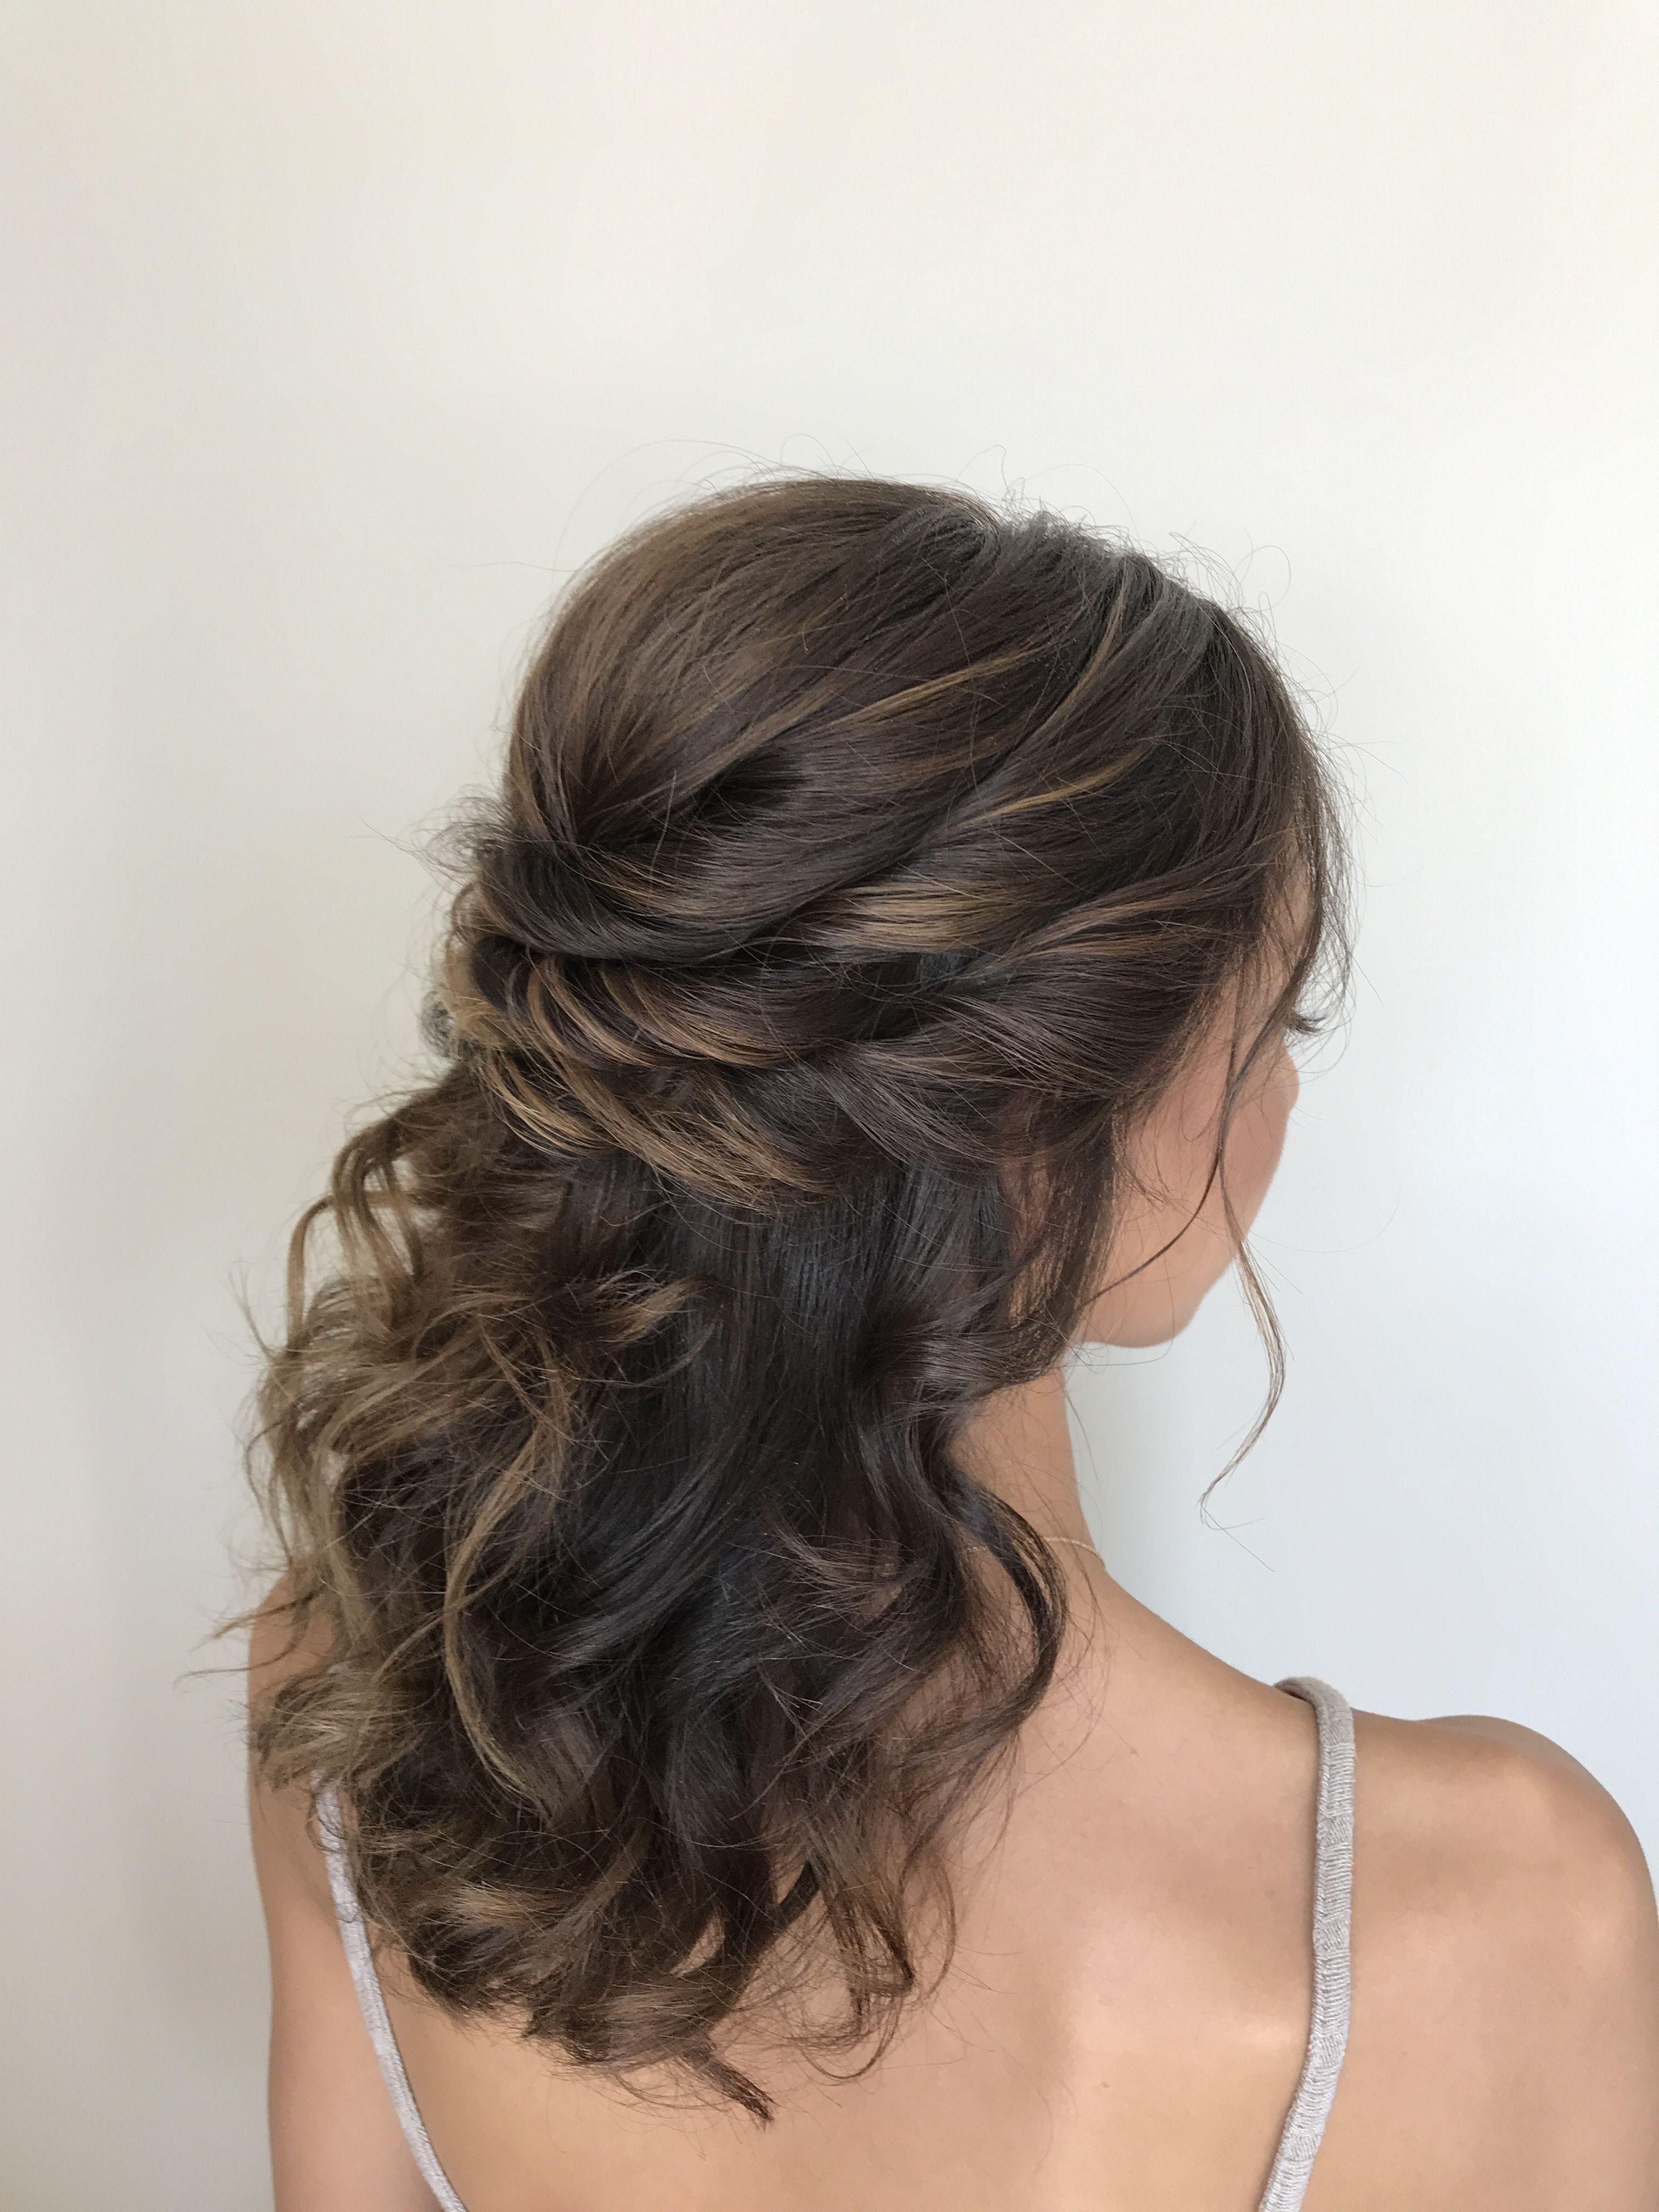 Bridal Hair Half Up Half Down Weddinghairstyles Wedding Hairstyles For Medium Hair Bridal Hair Half Up Hair Styles